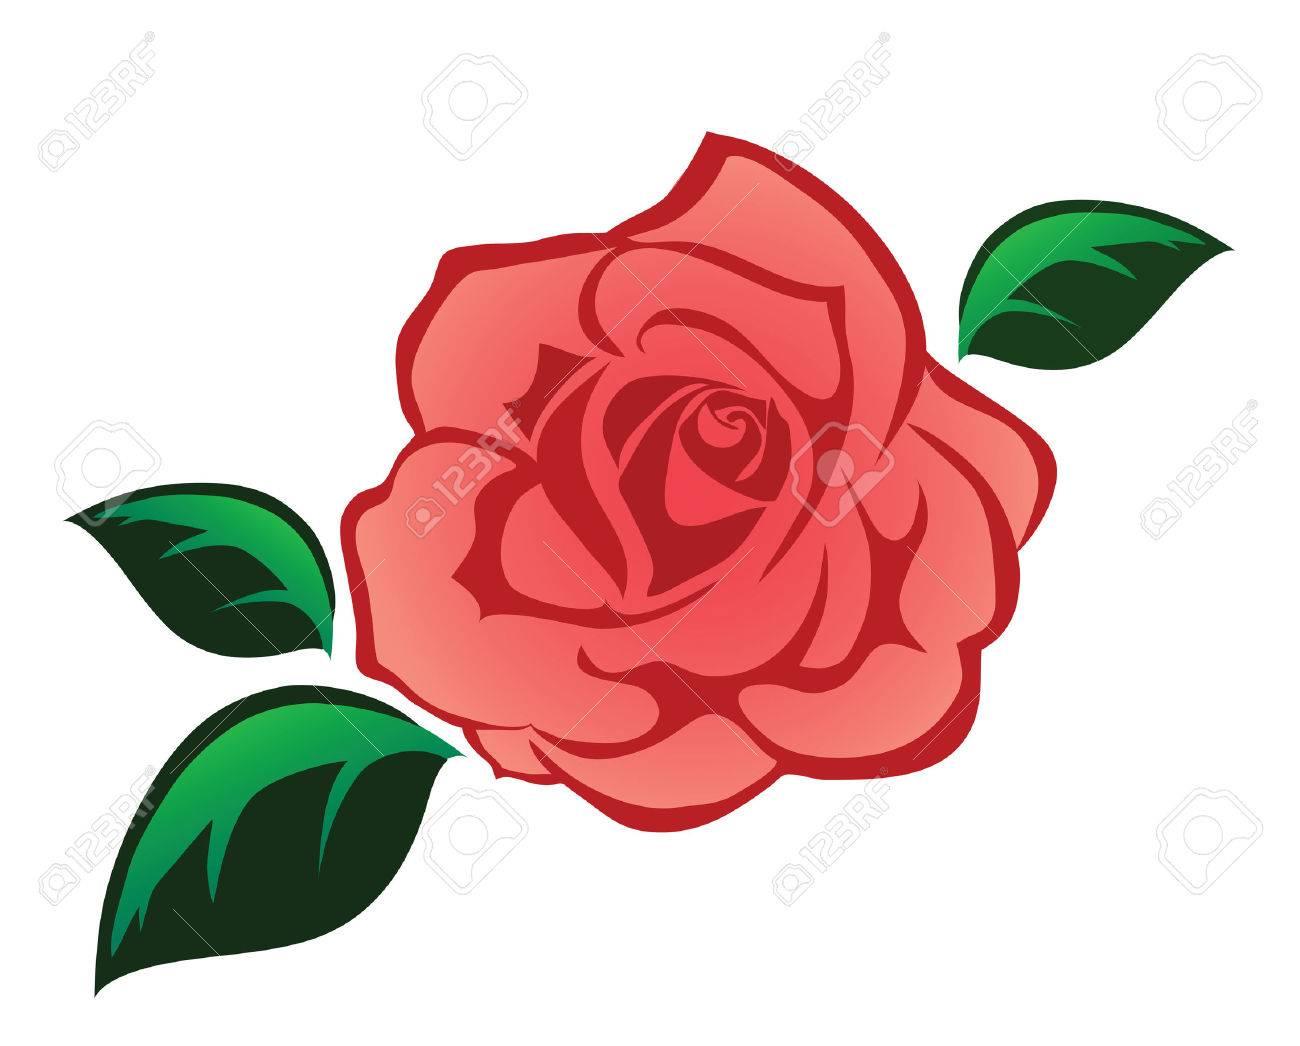 バラの葉イラストのイラスト素材ベクタ Image 40547227